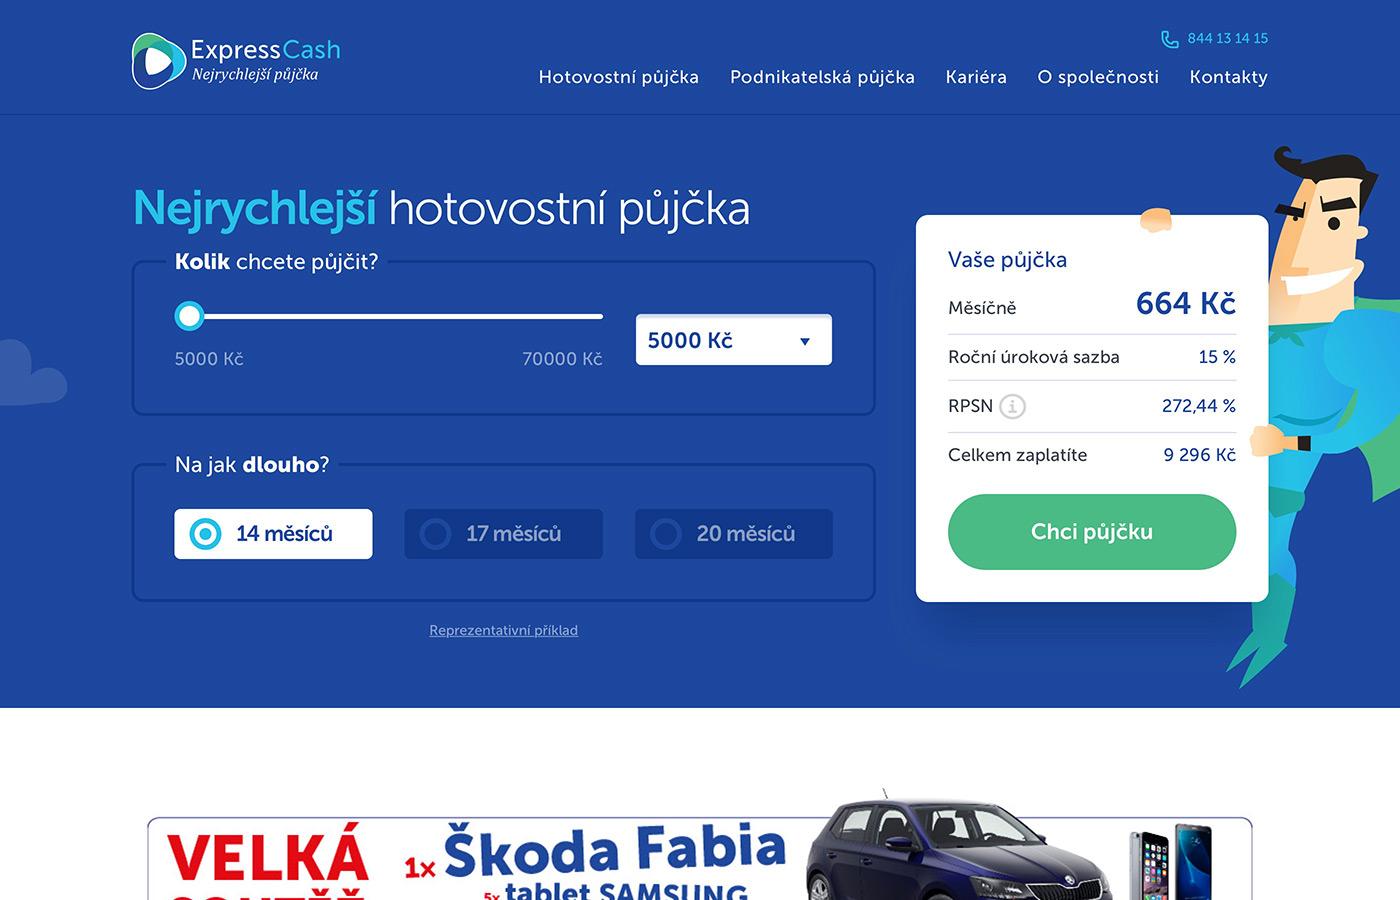 Náhled webových stránek www.expresscash.cz